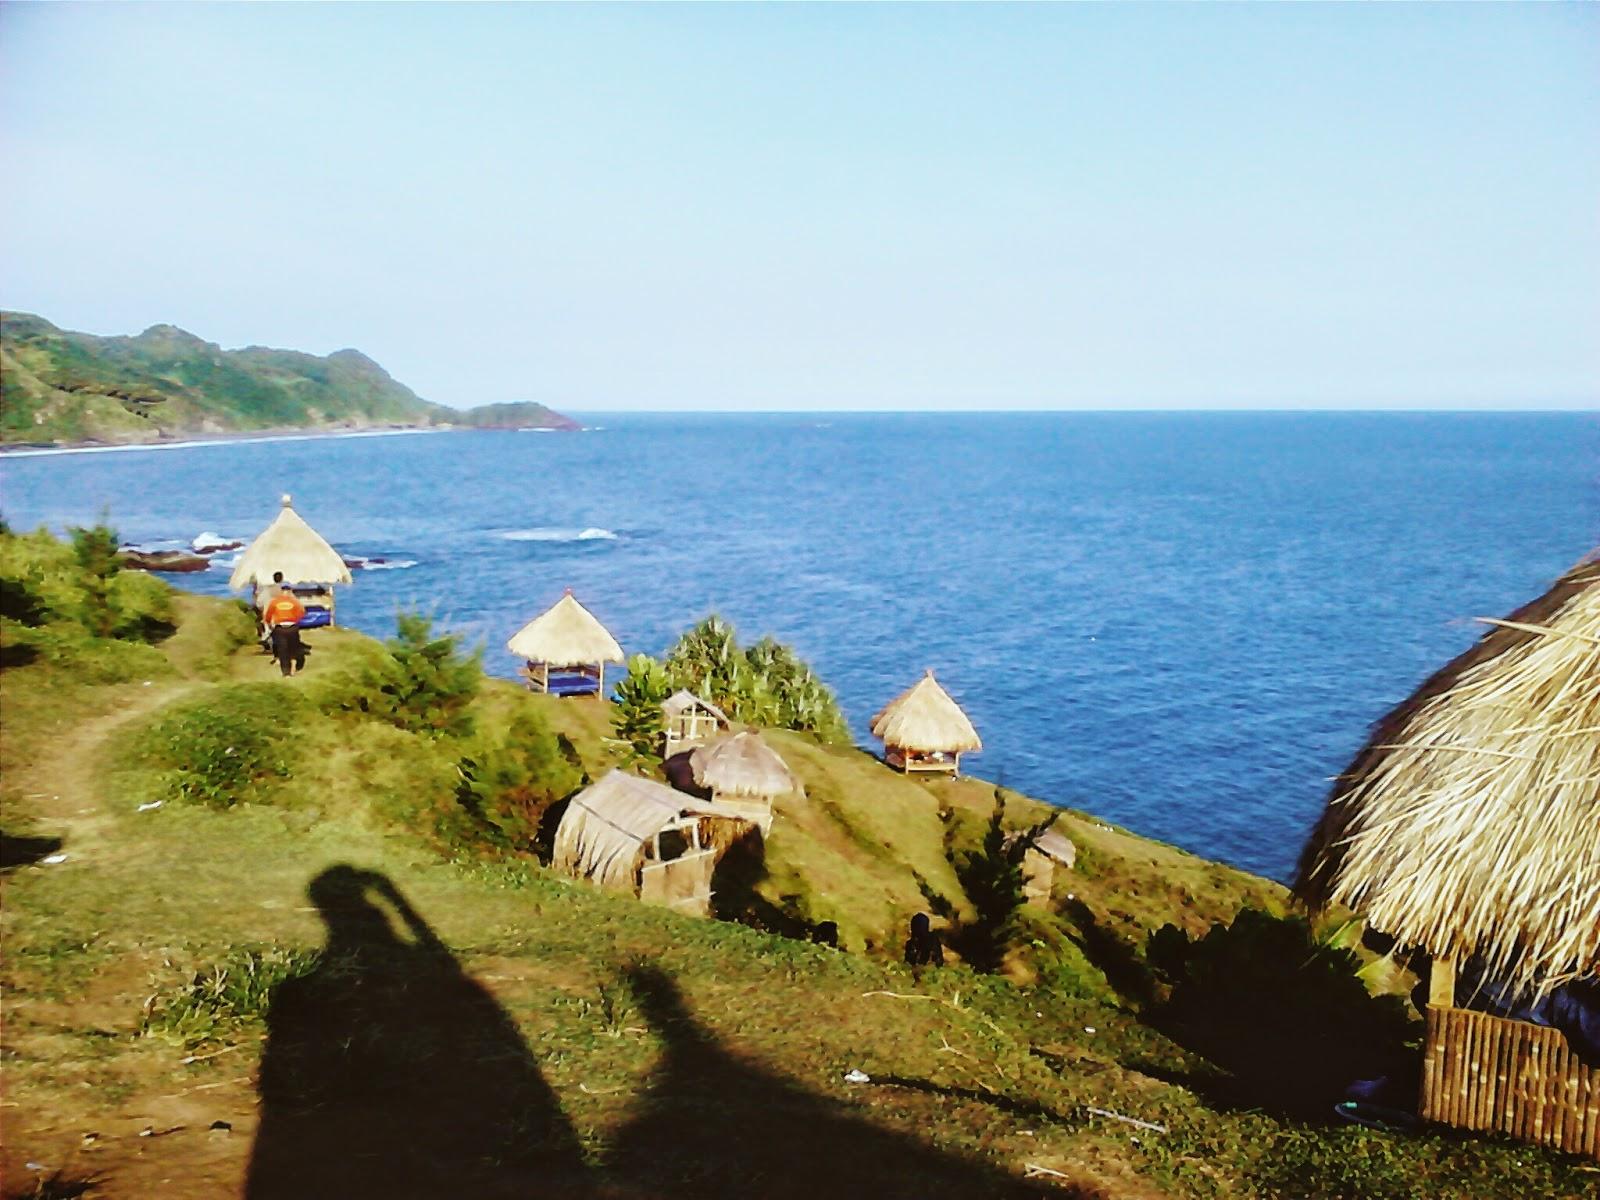 Hasil gambar untuk pantai menganti kebumen